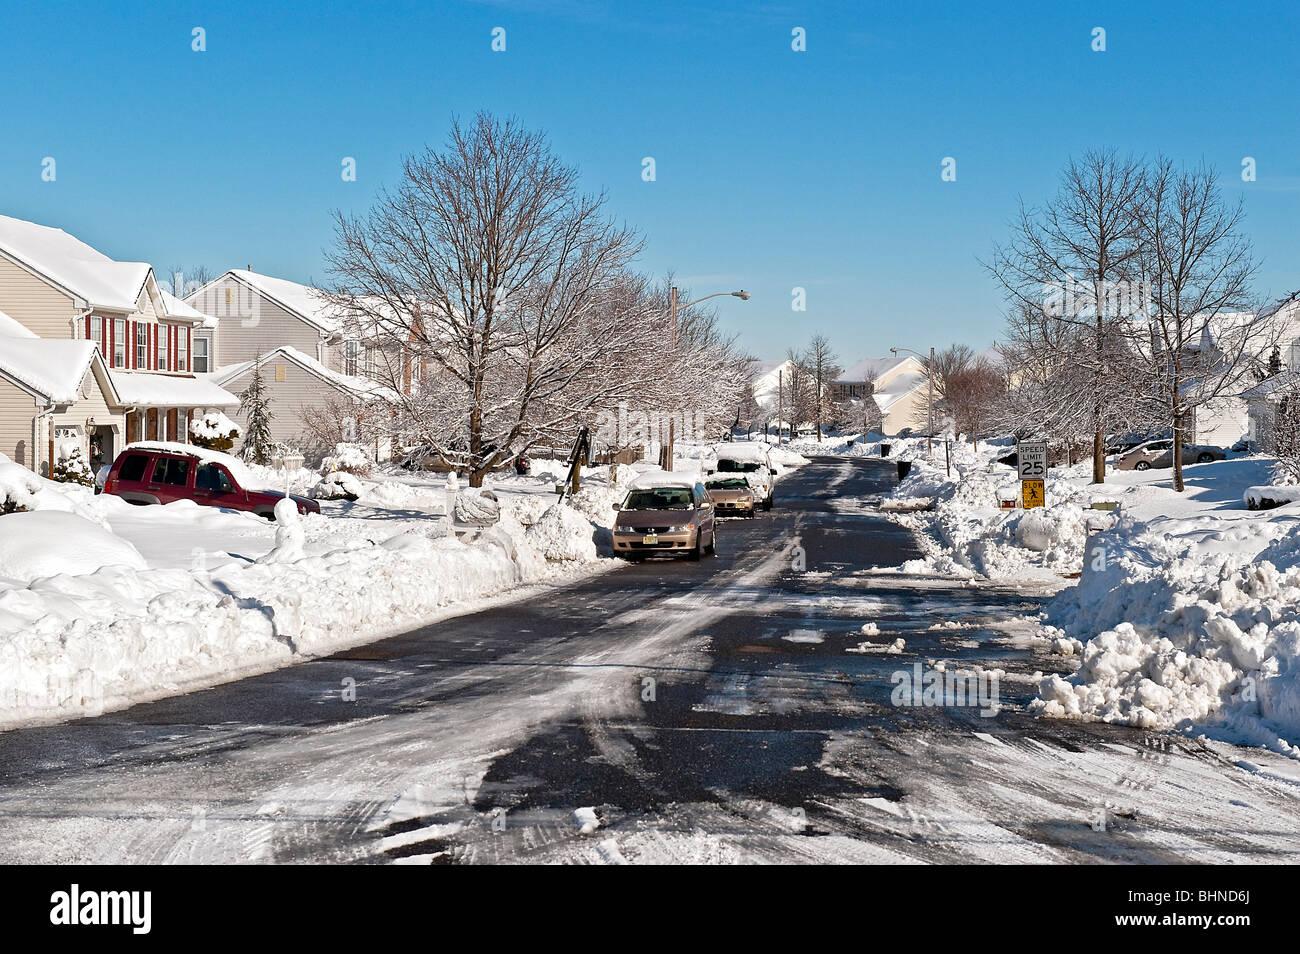 Neve suburbana legata allo sviluppo di alloggiamento. Foto Stock